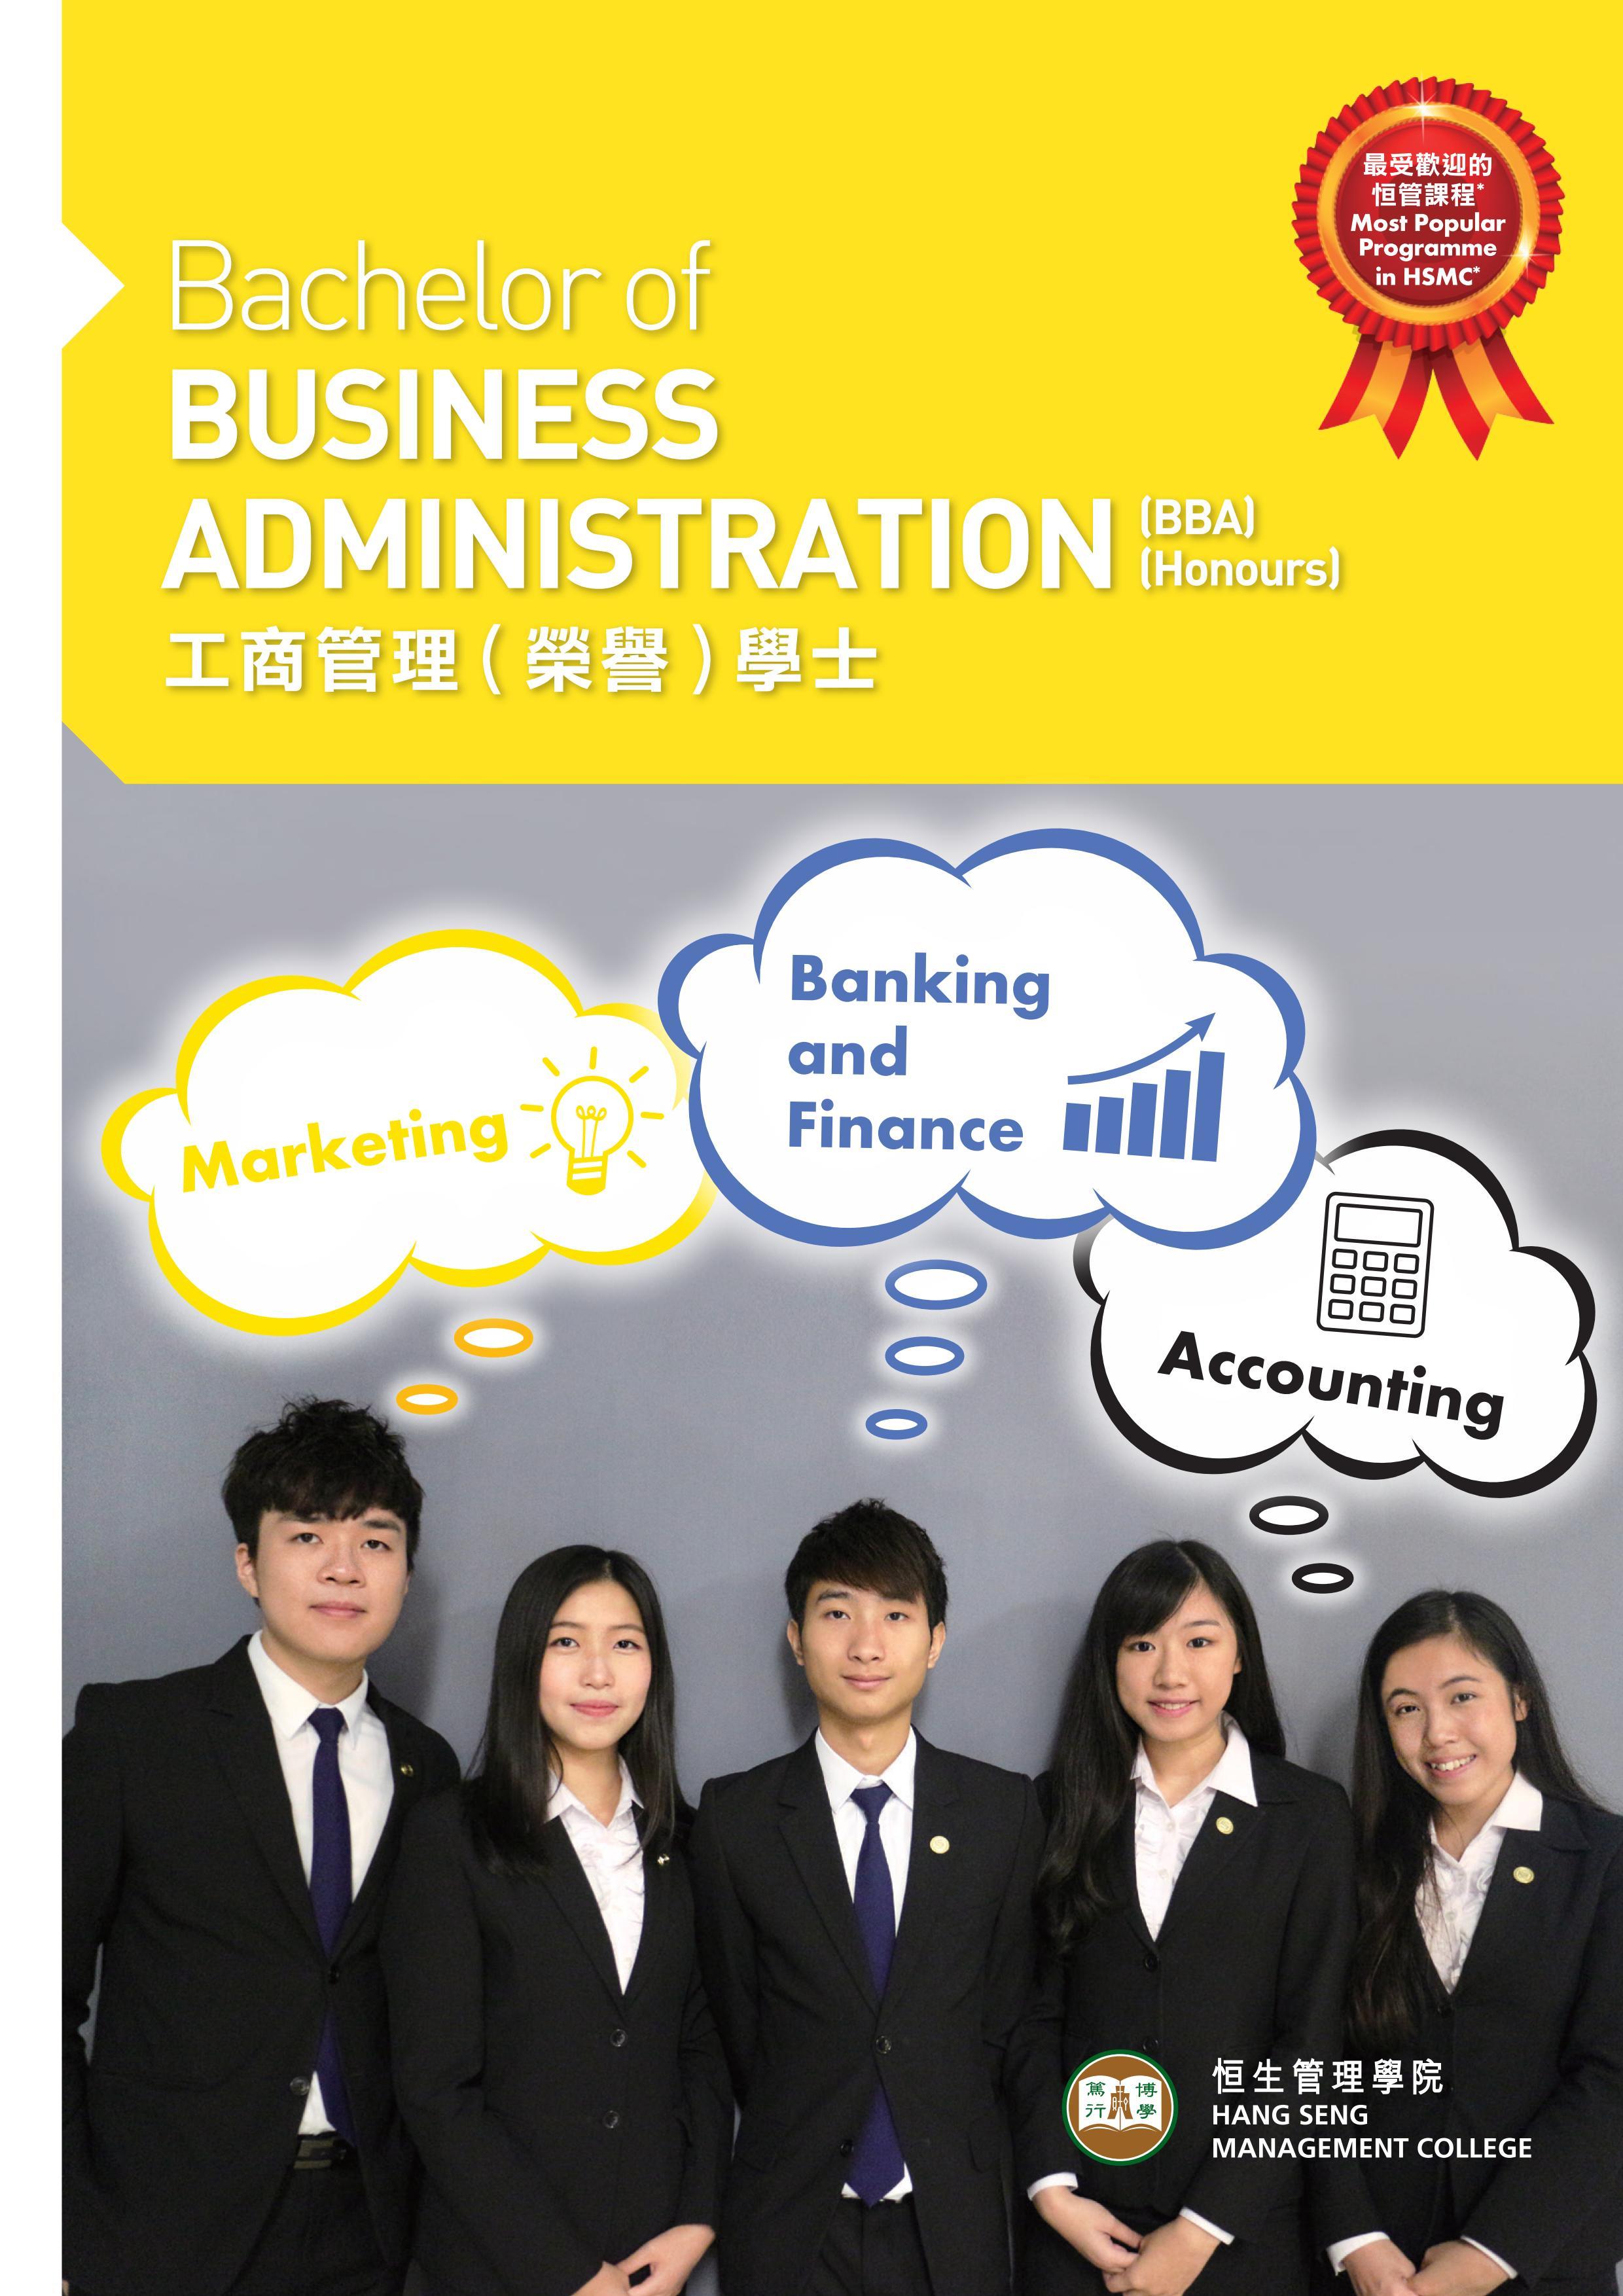 BBA Programme Pamphlet